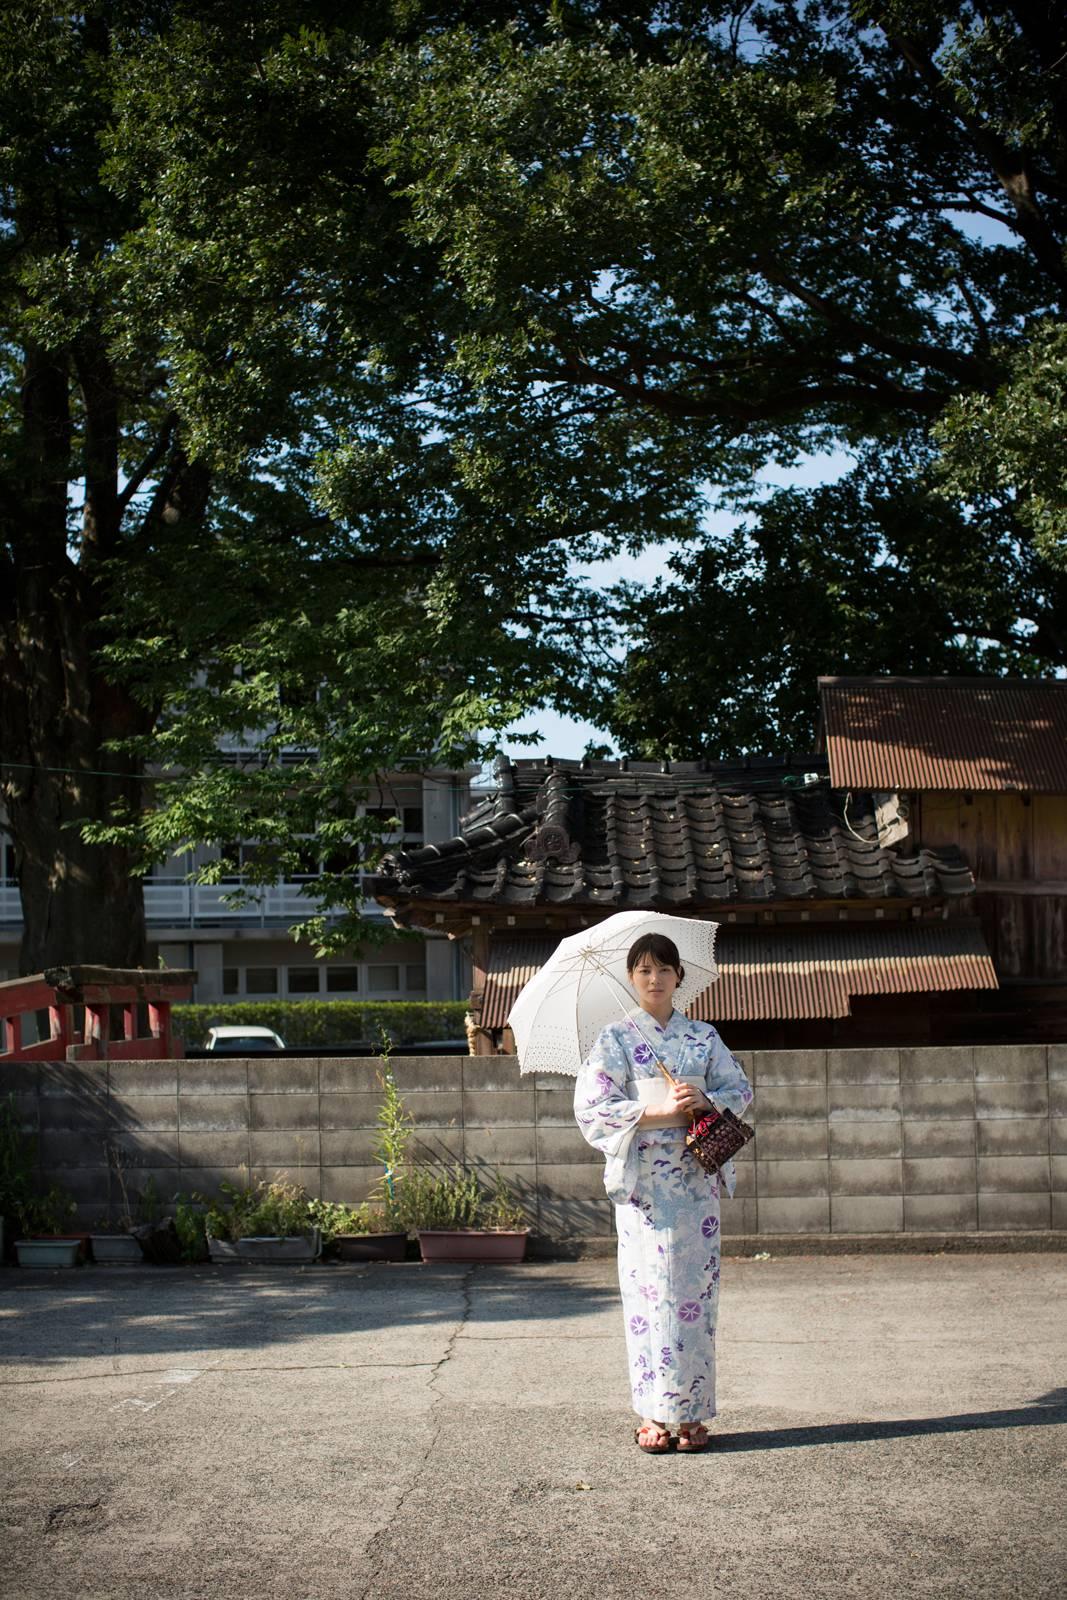 白地に紫のお花の浴衣 白のレースの傘 矢島舞美 神社の駐車場? 2020 済み